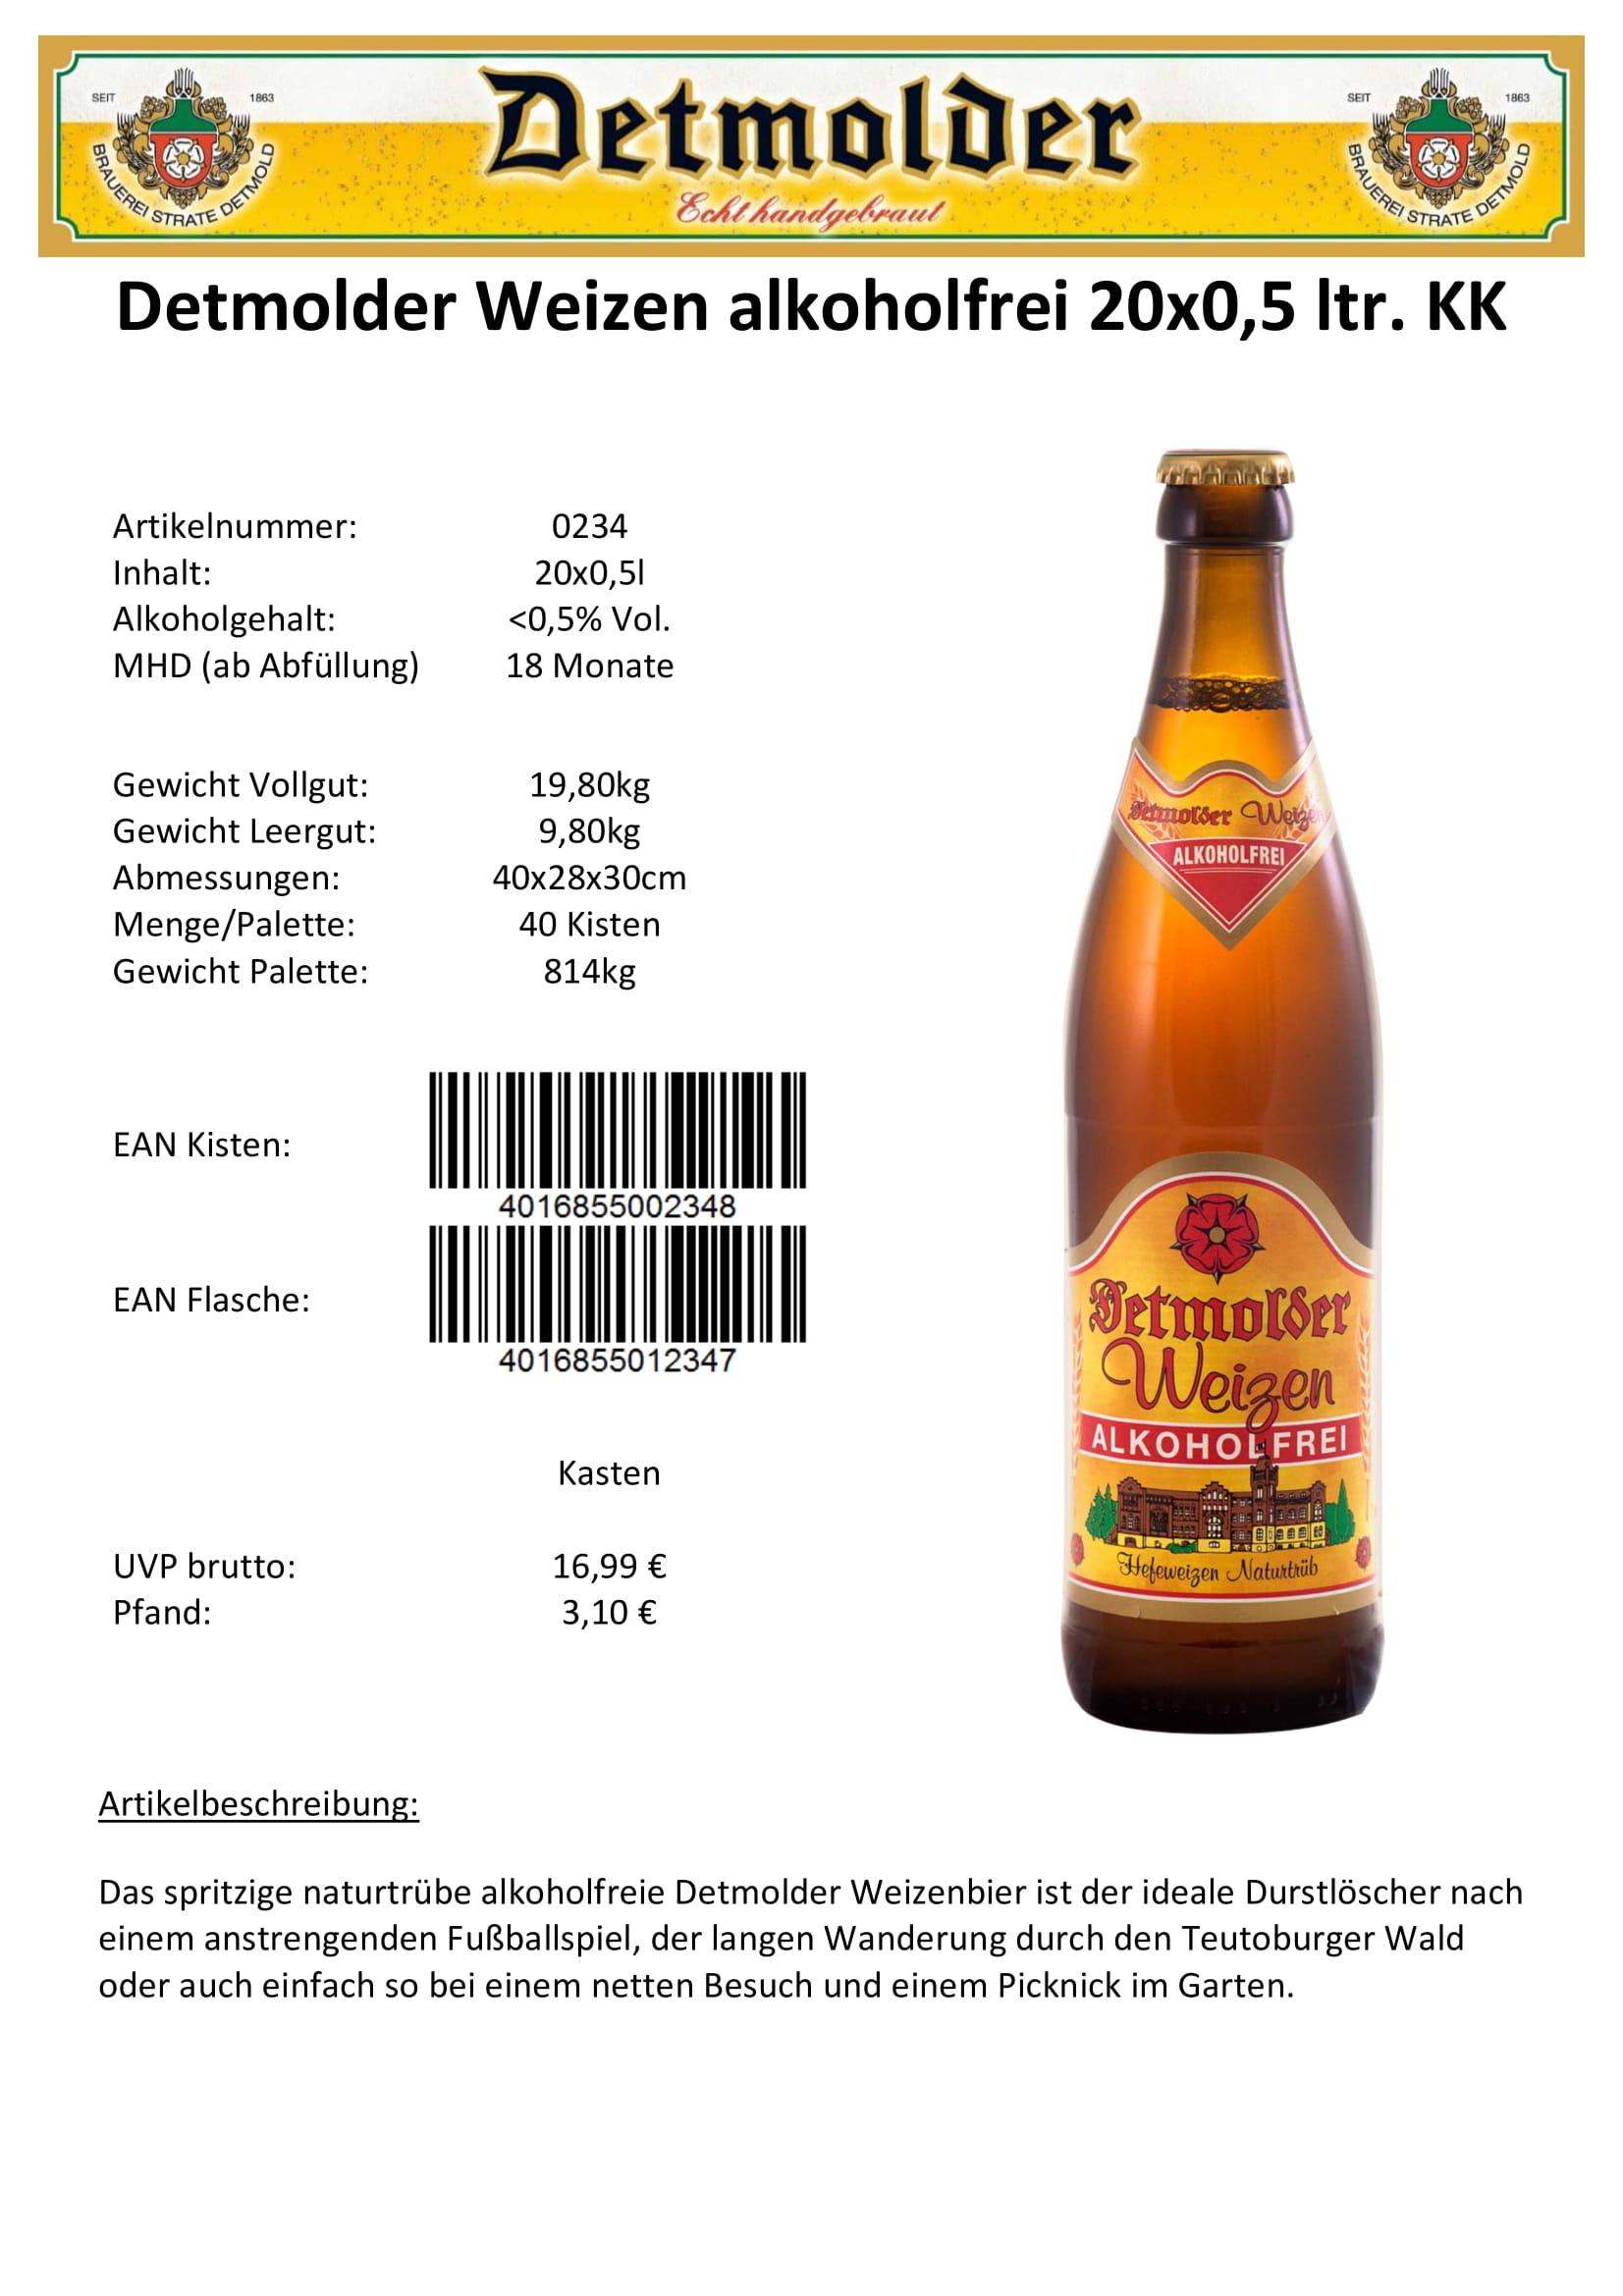 Artikelpass - Detmolder Weizen Alkoholfrei Image